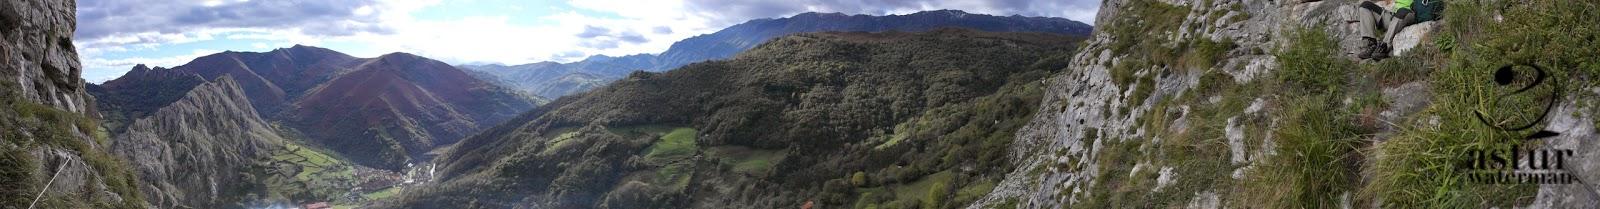 Asturwaterman escuela de escalada otura for Temperatura en otura